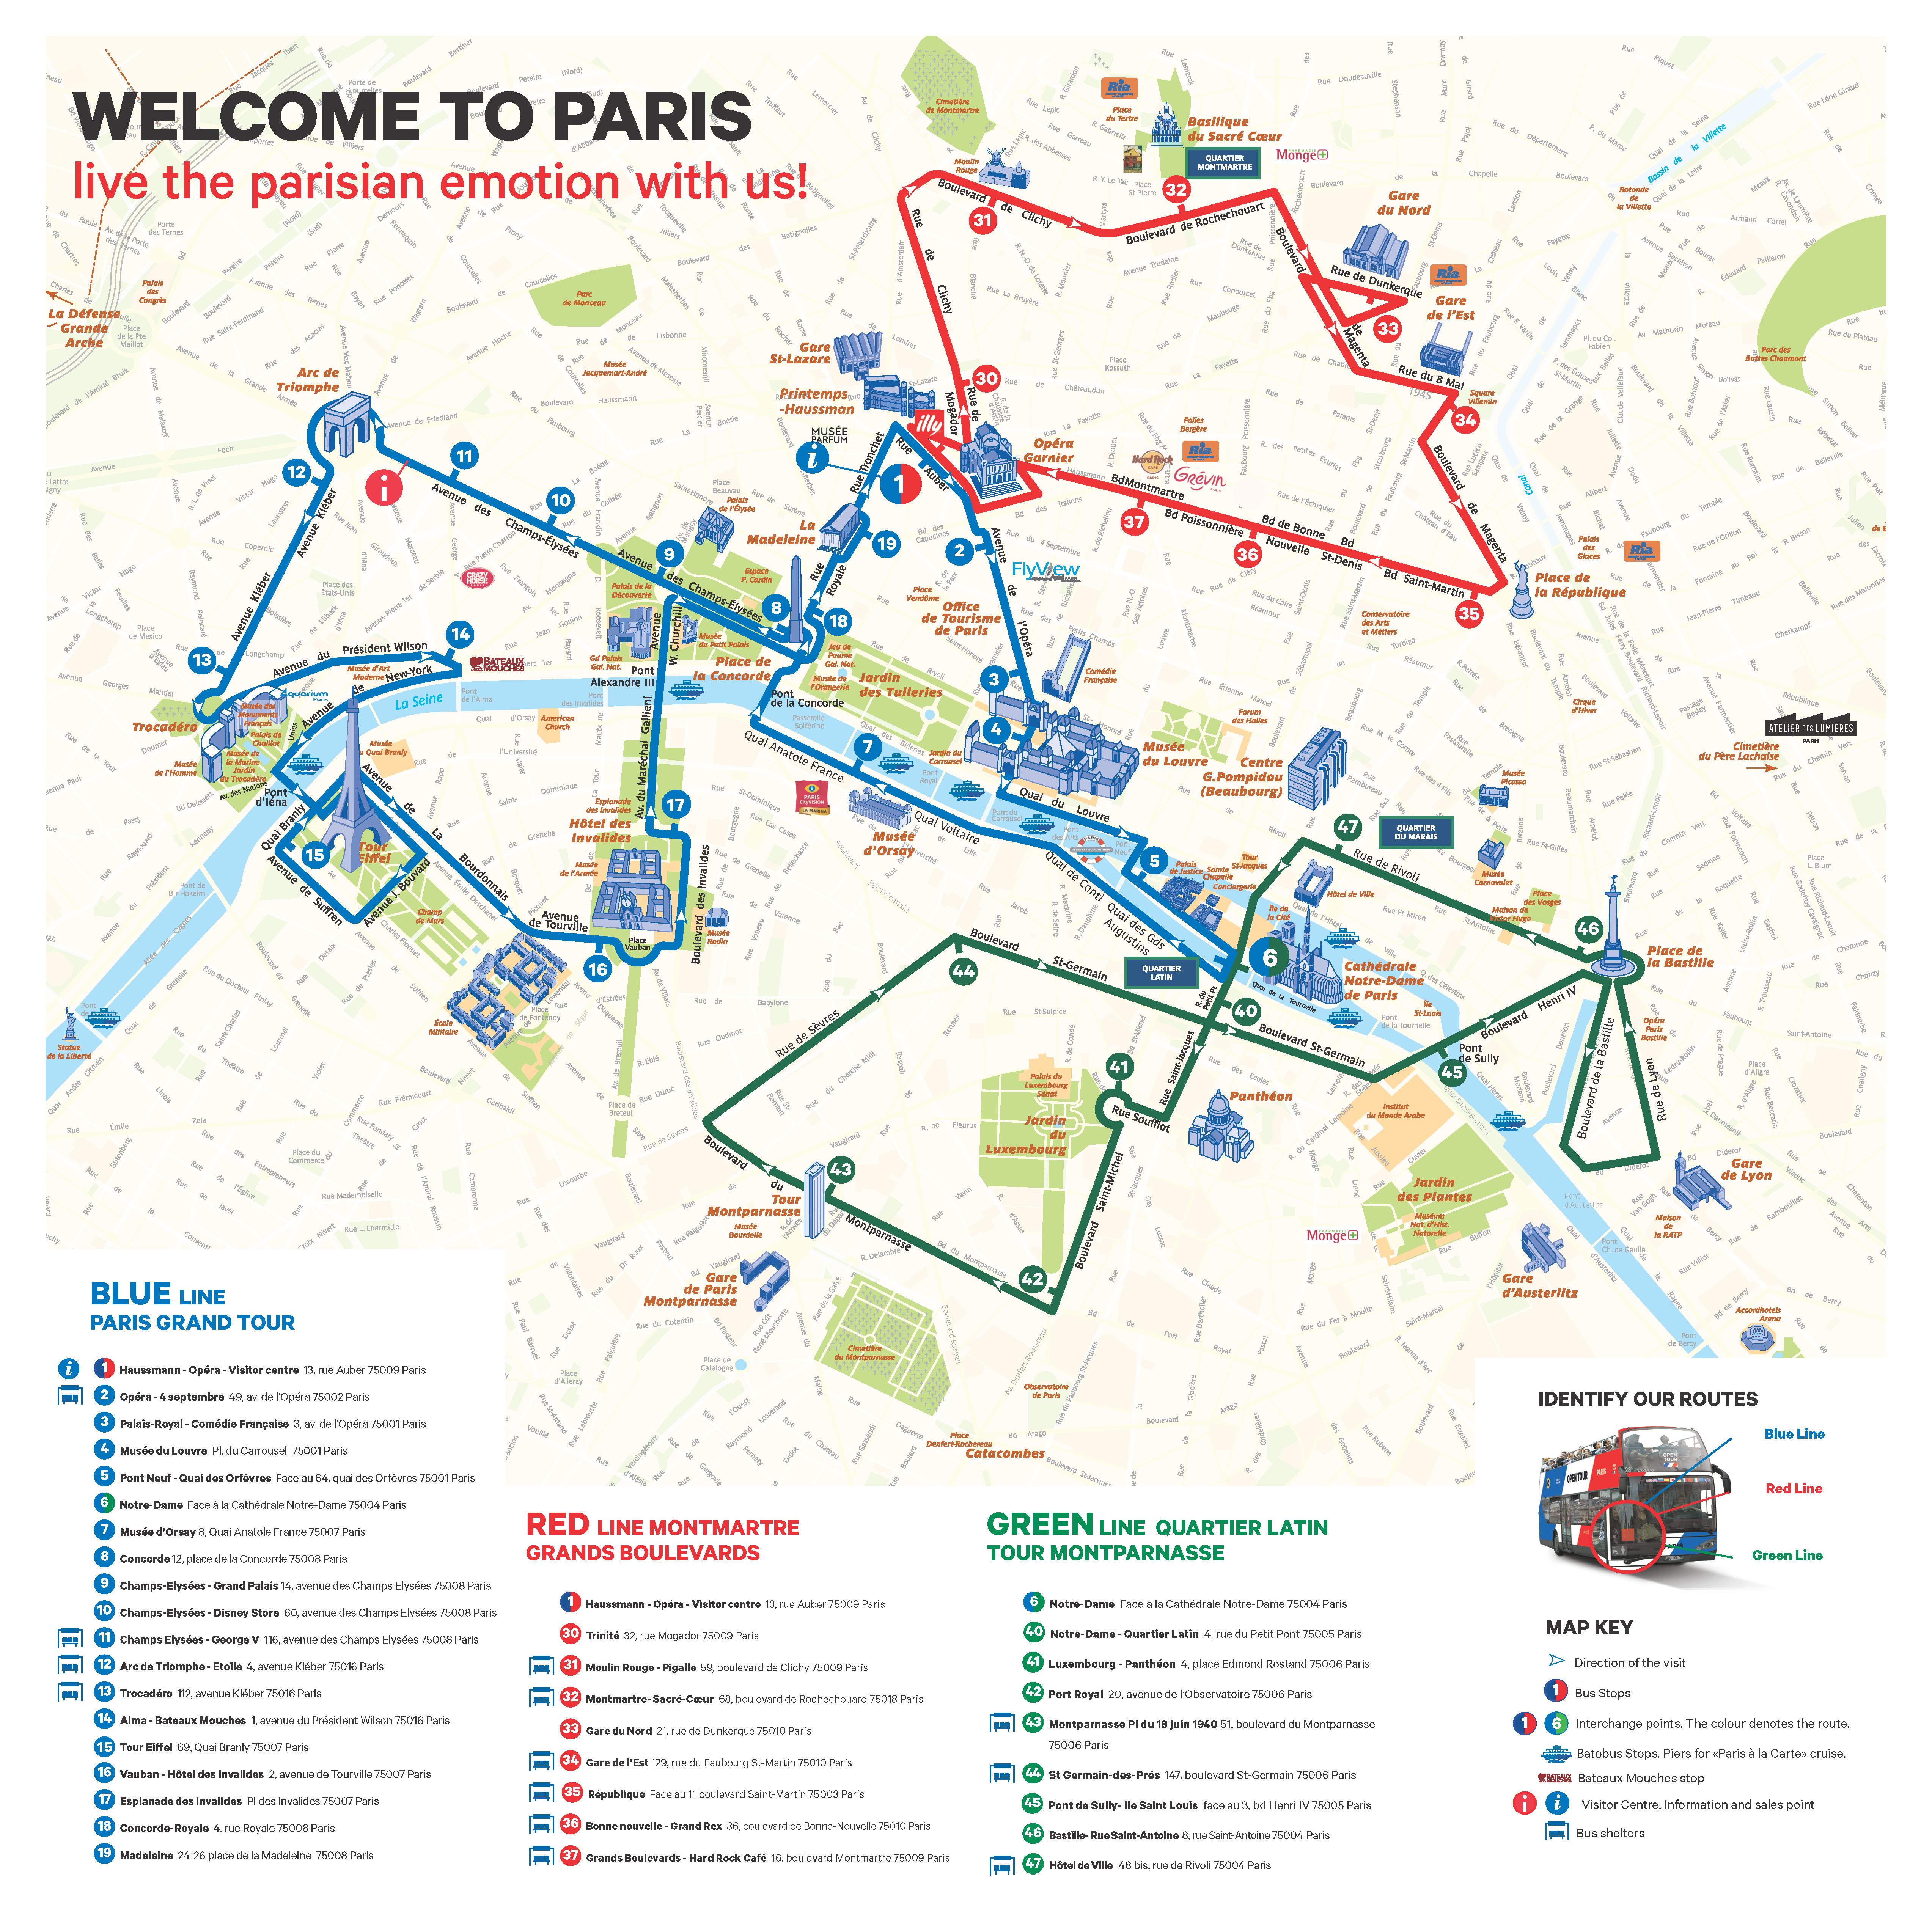 LOpen Tour Paris Haltestellen